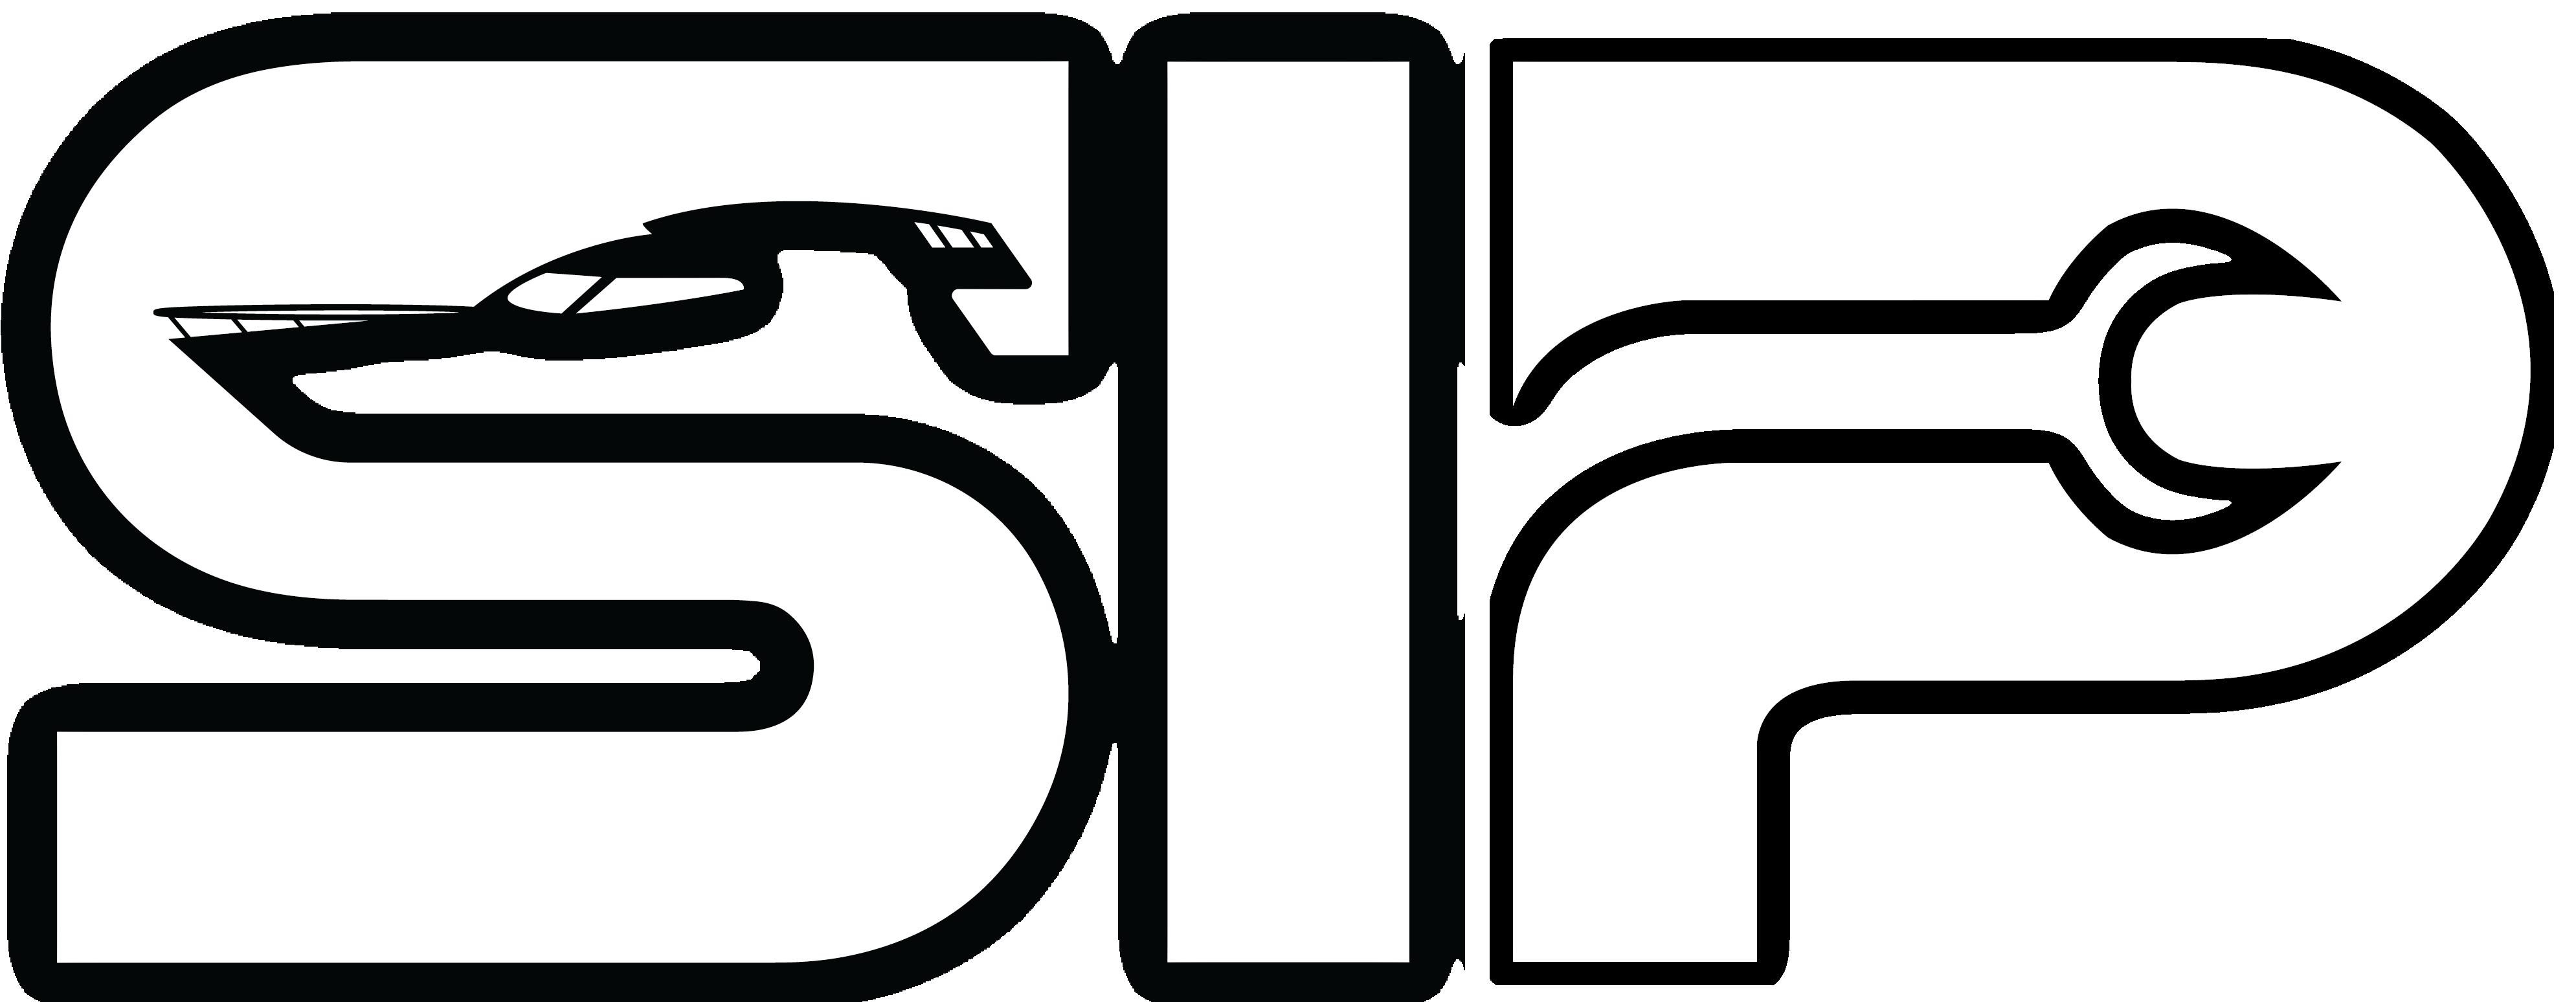 SIP Yachts